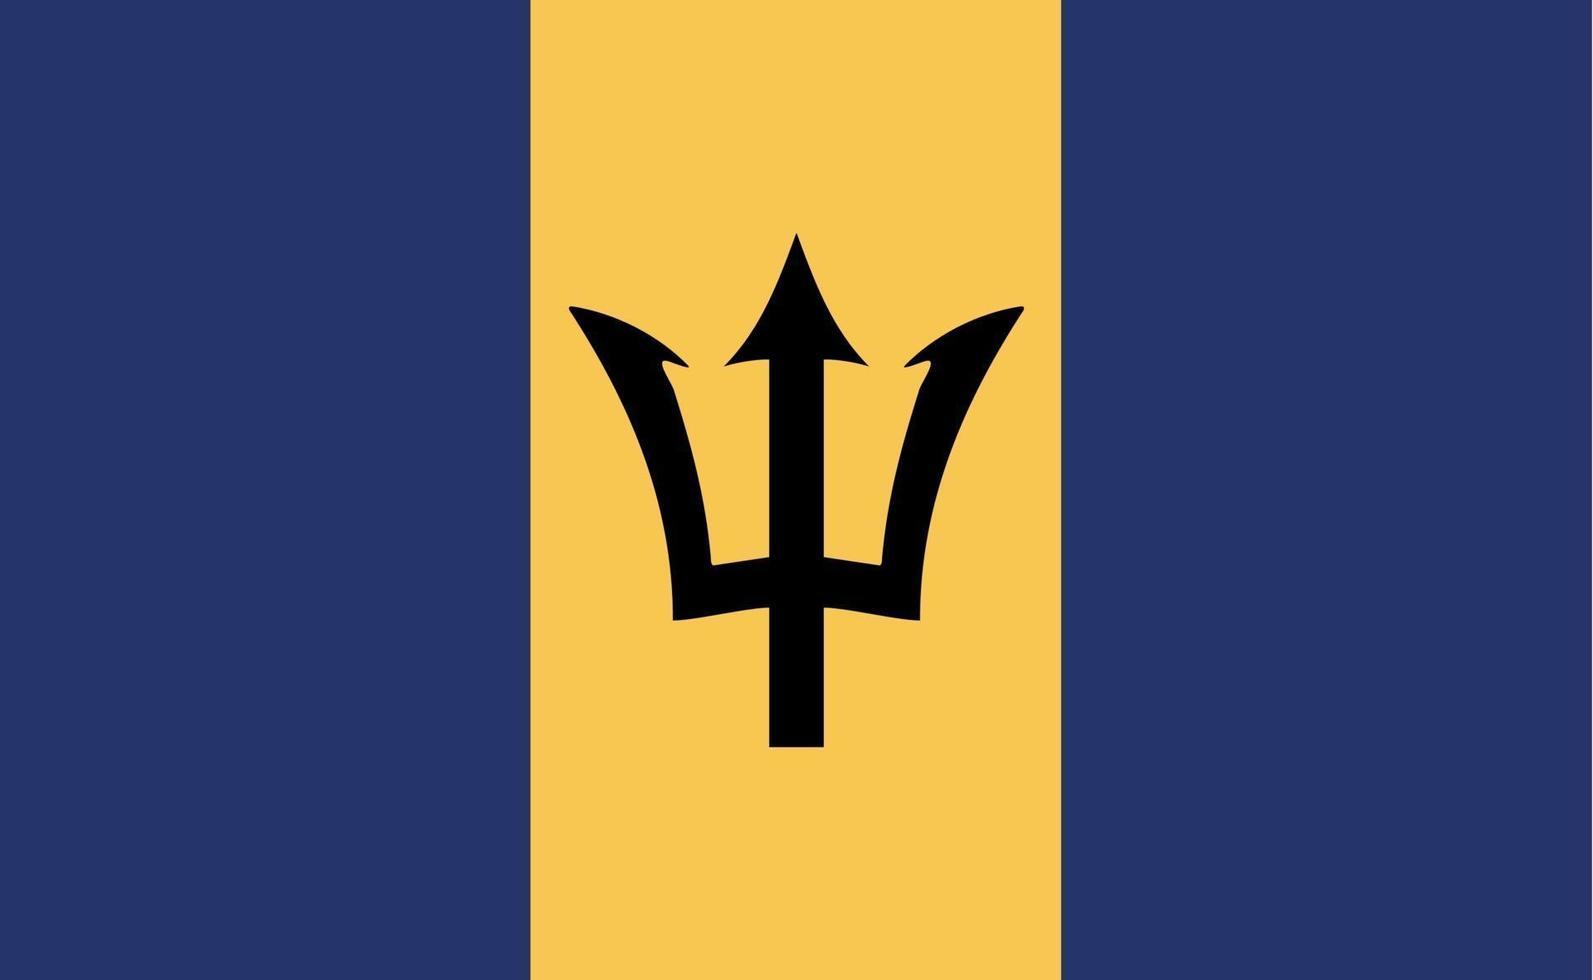 Bandera nacional de Barbados en proporciones exactas - ilustración vectorial vector